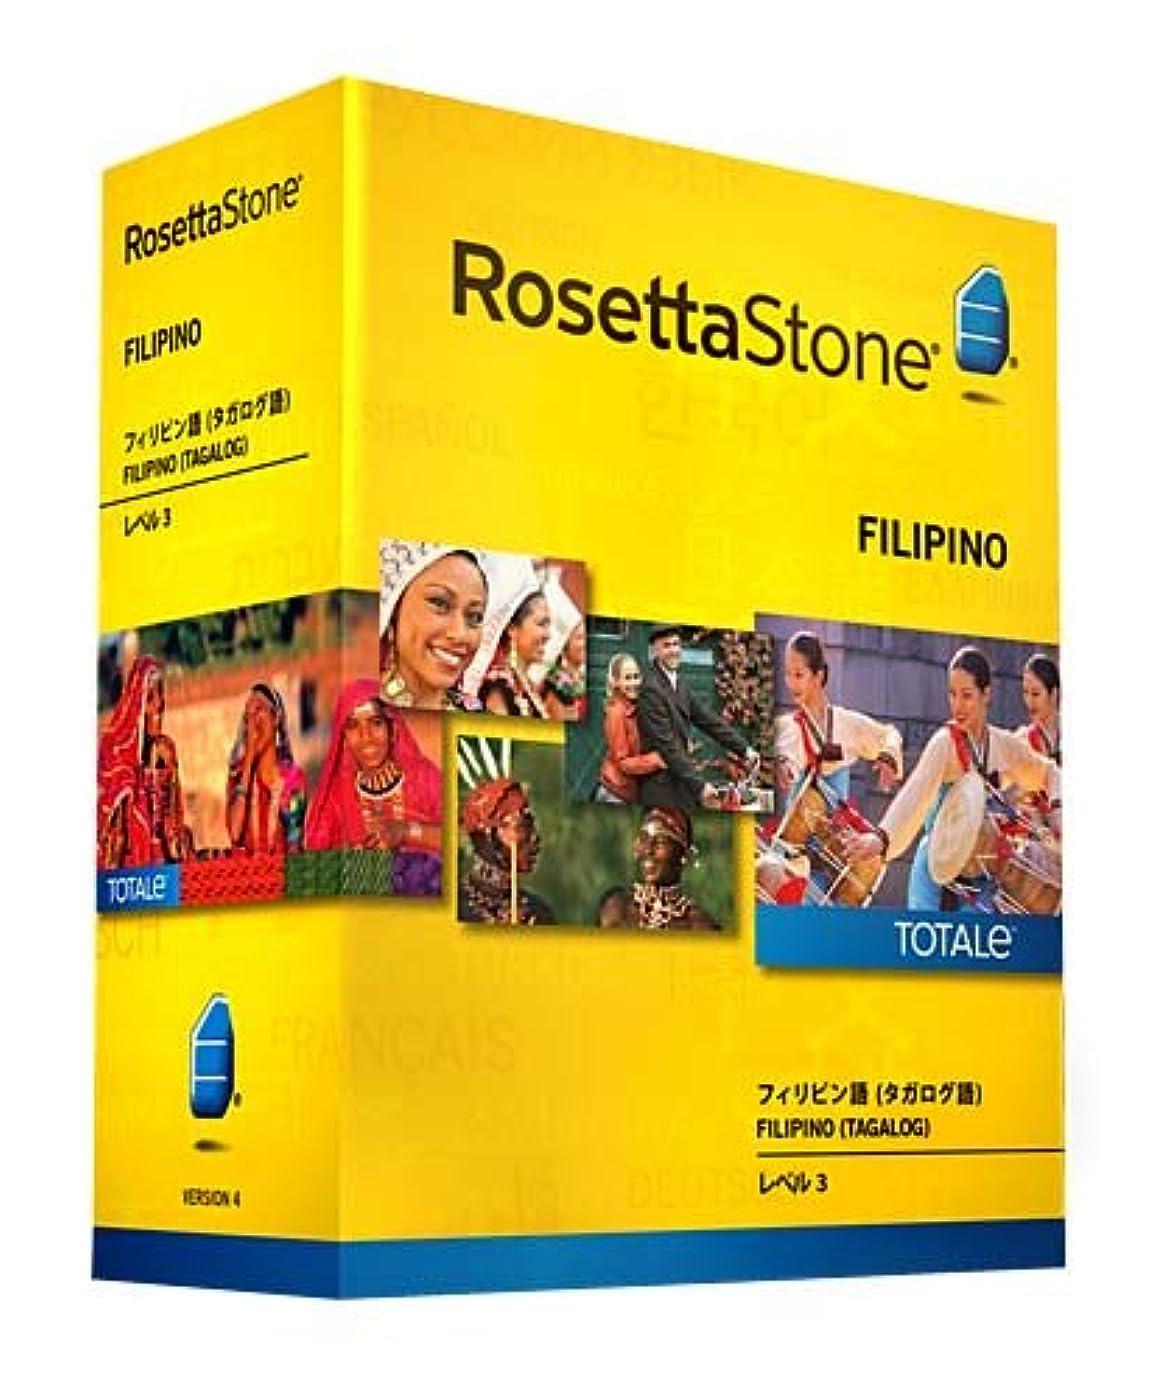 配管重荷冒険家ロゼッタストーン フィリピン語 (タガログ語) レベル3 v4 TOTALe